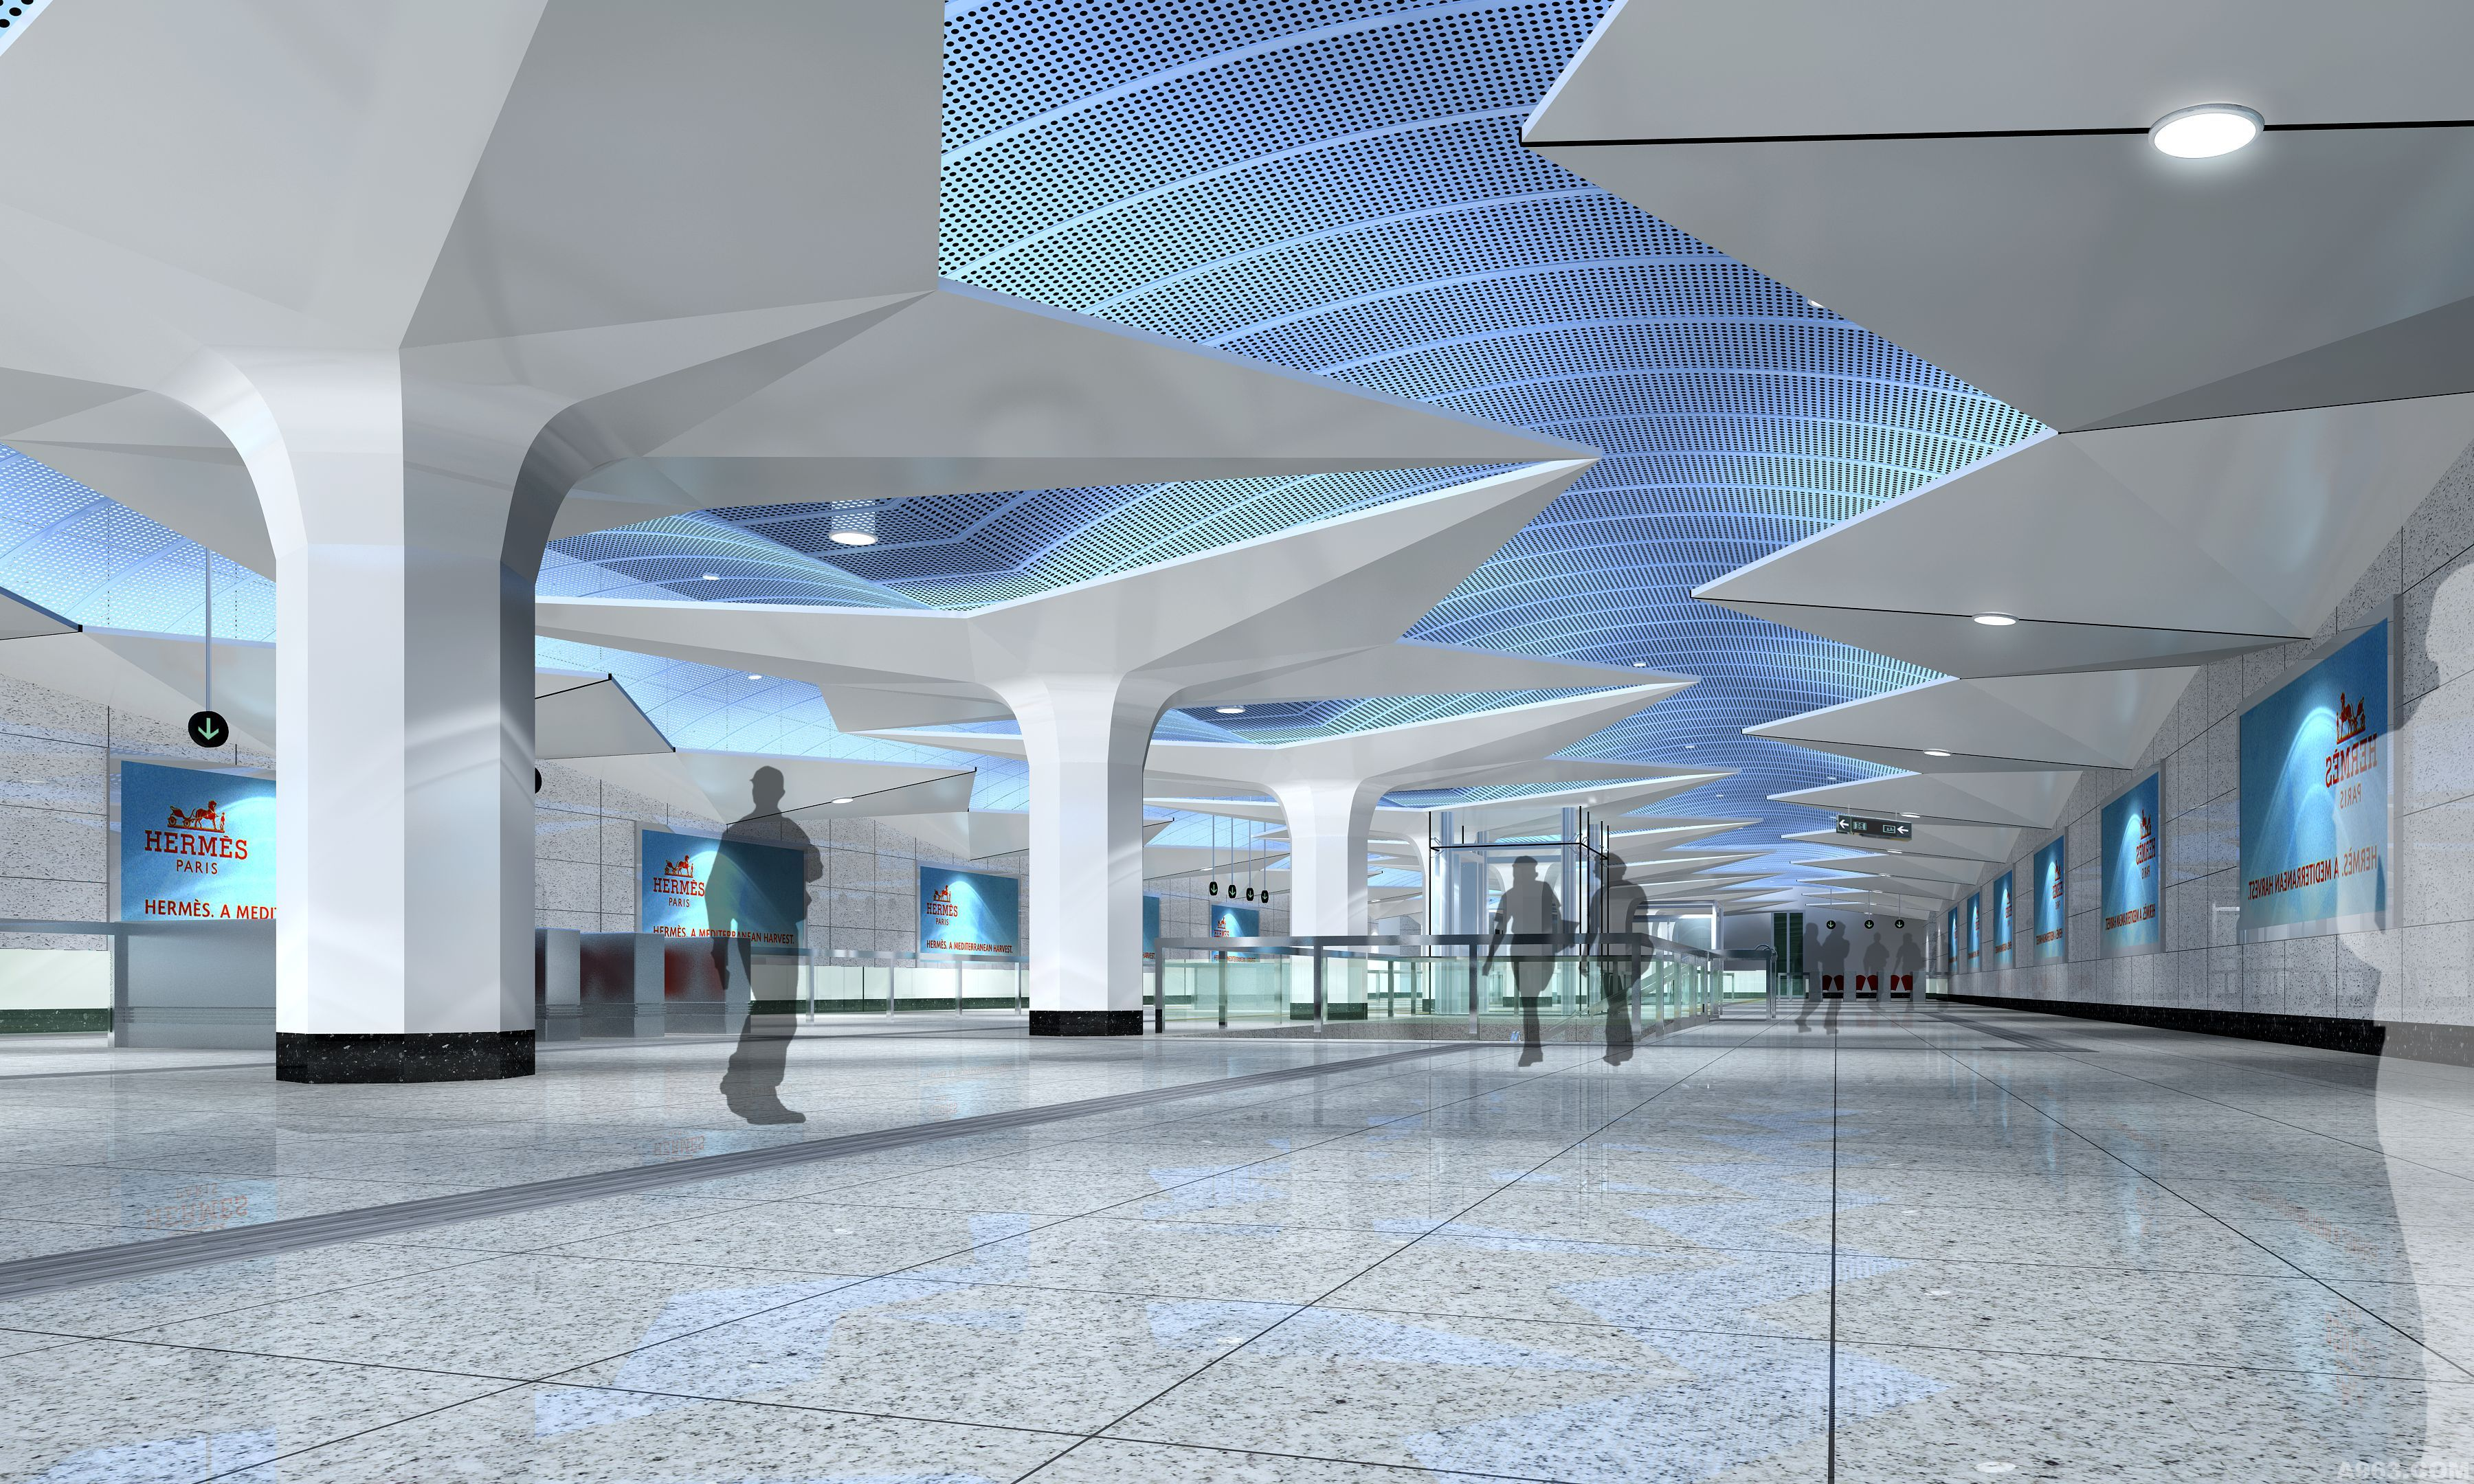 大连地铁 - 交通空间 - 彭俊华设计作品案例